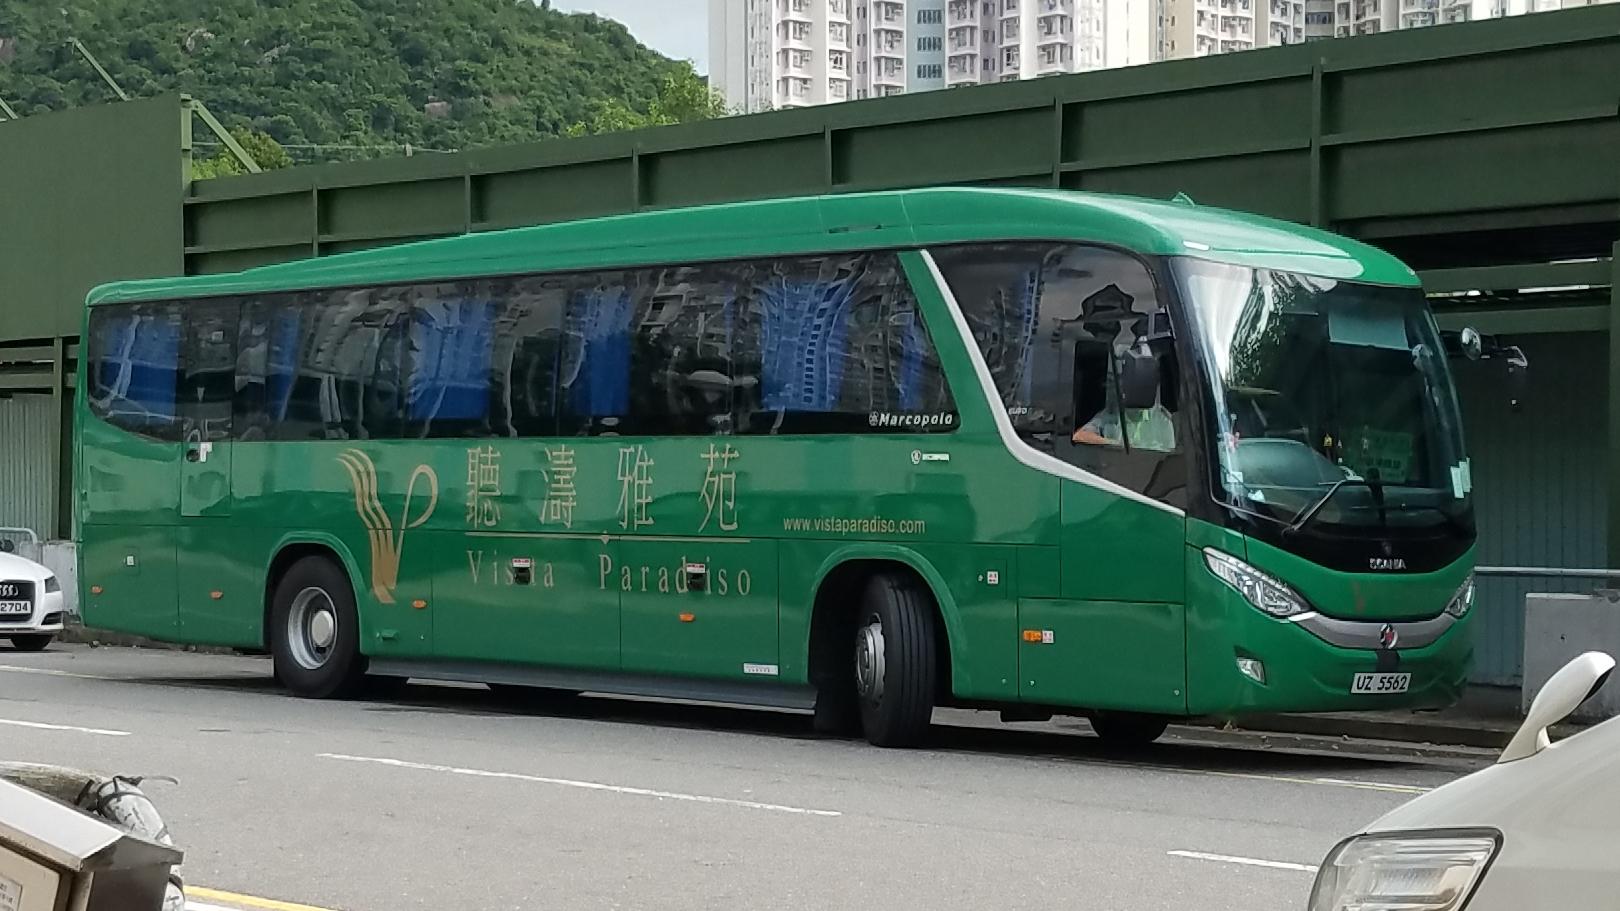 居民巴士NR822線